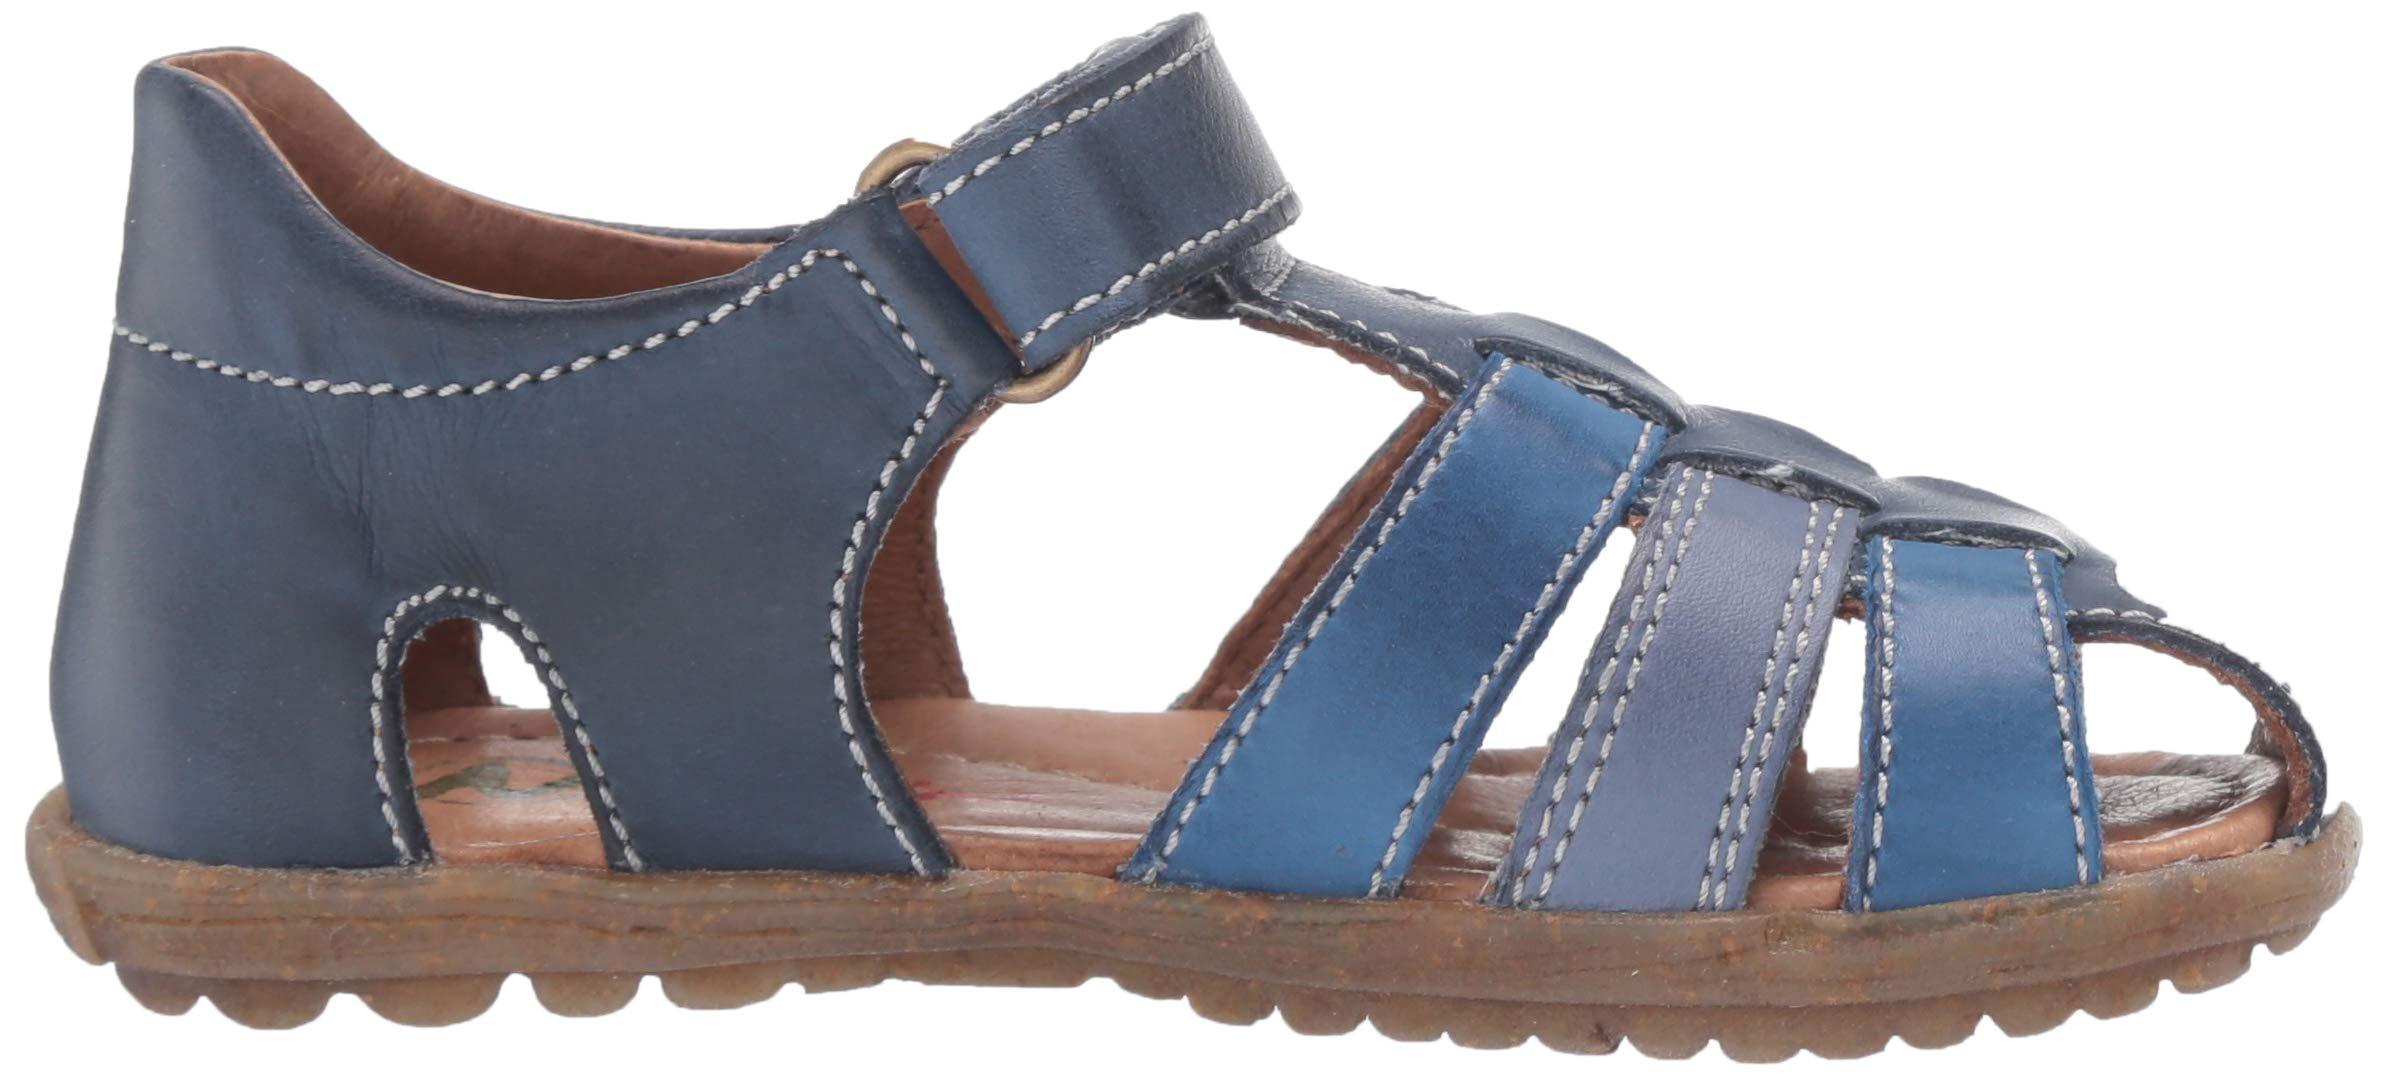 Naturino Boys See Gladiator Sandals, Multicolour (Navy/Azzurro/Celeste 1c53), 7 UK 7UK Child by Naturino (Image #7)